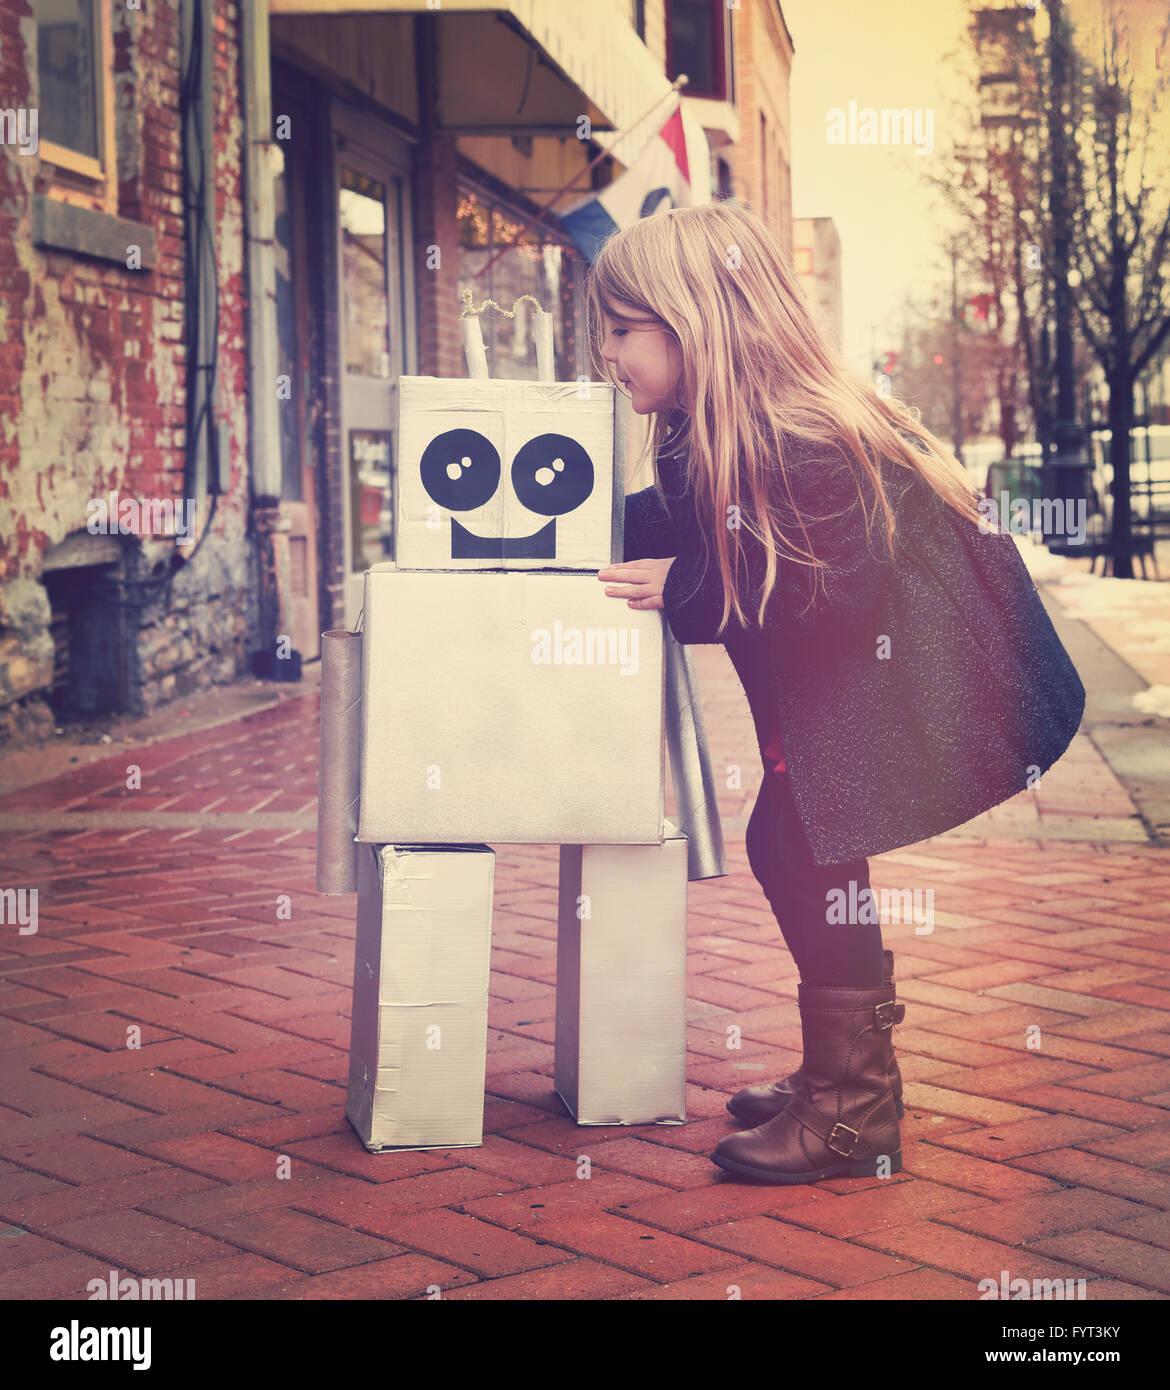 Une petite fille est un robot en carton métal centre-ville contre un mur à l'extérieur d'une Photo Stock